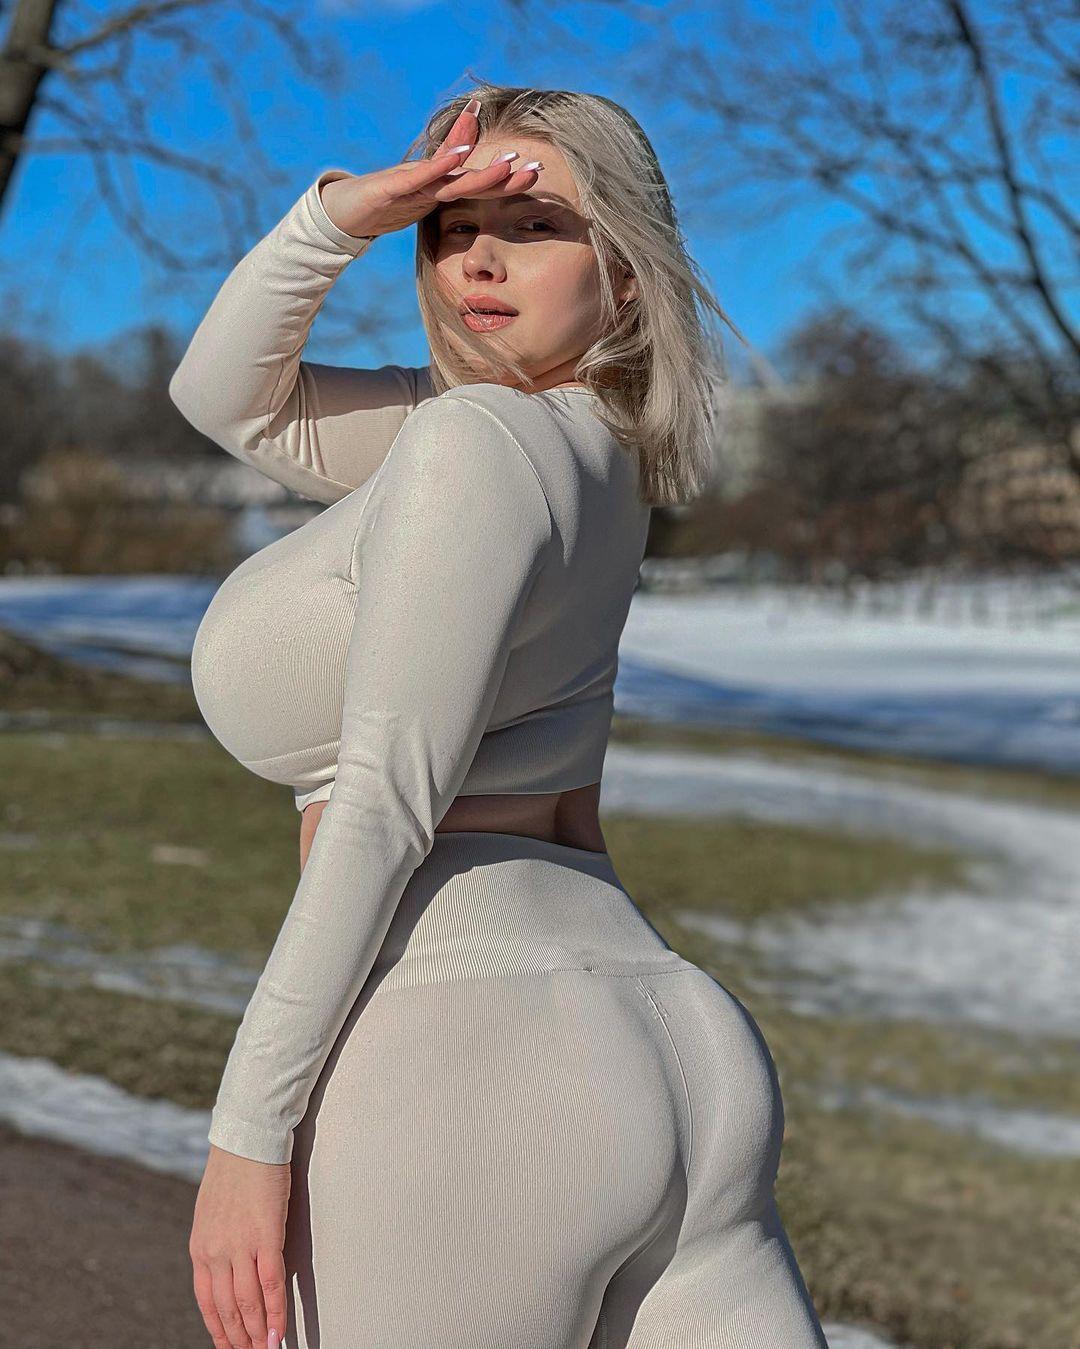 Прасковья Позднякова (Pasha Pozdniakova) - финская красотка с огромной грудью 18